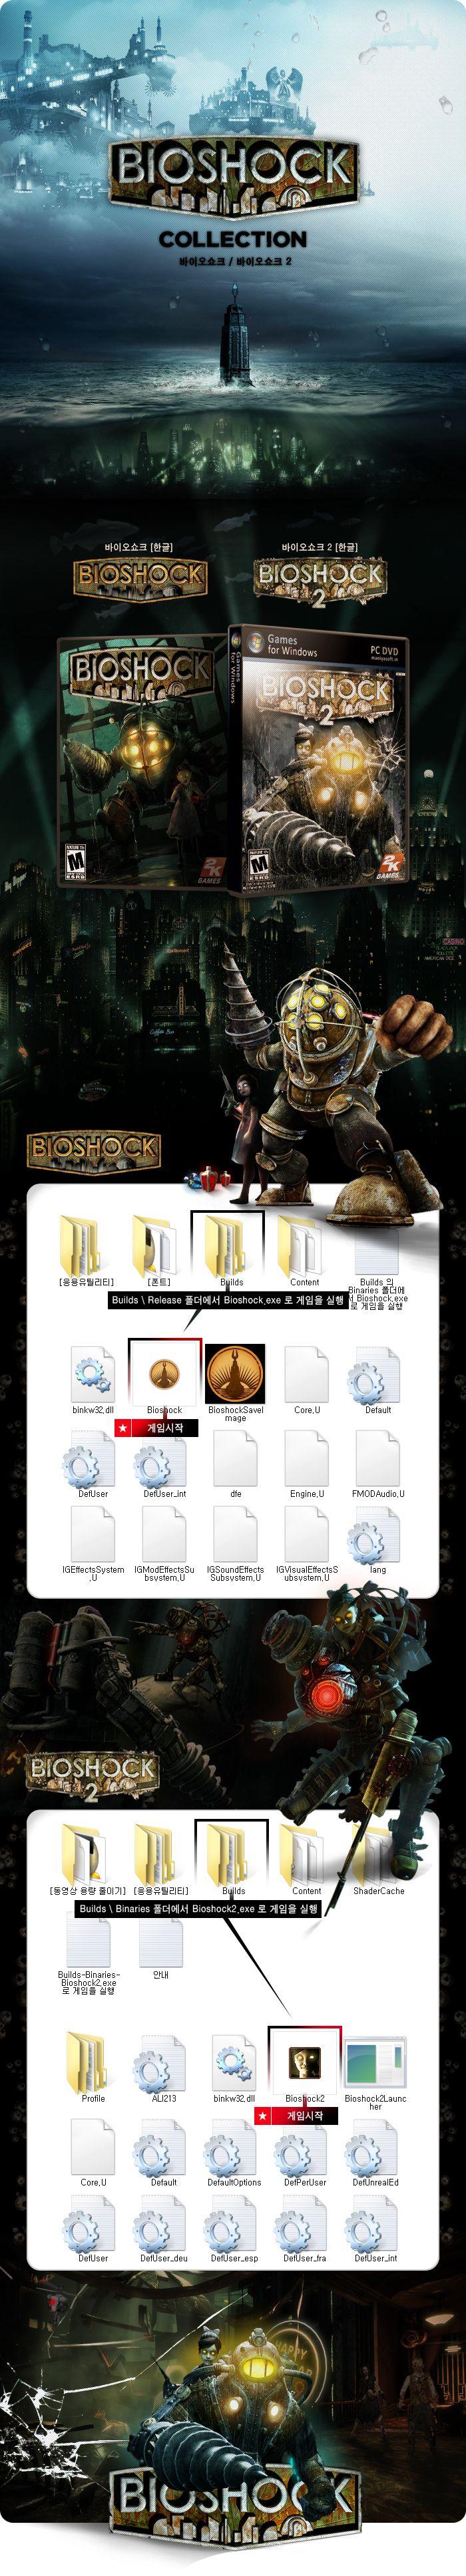 바이오쇼크 Bioshock 1+2 (한글/무설치) (압축: 8.99GB / 해제: 14.4GB) 토렌트